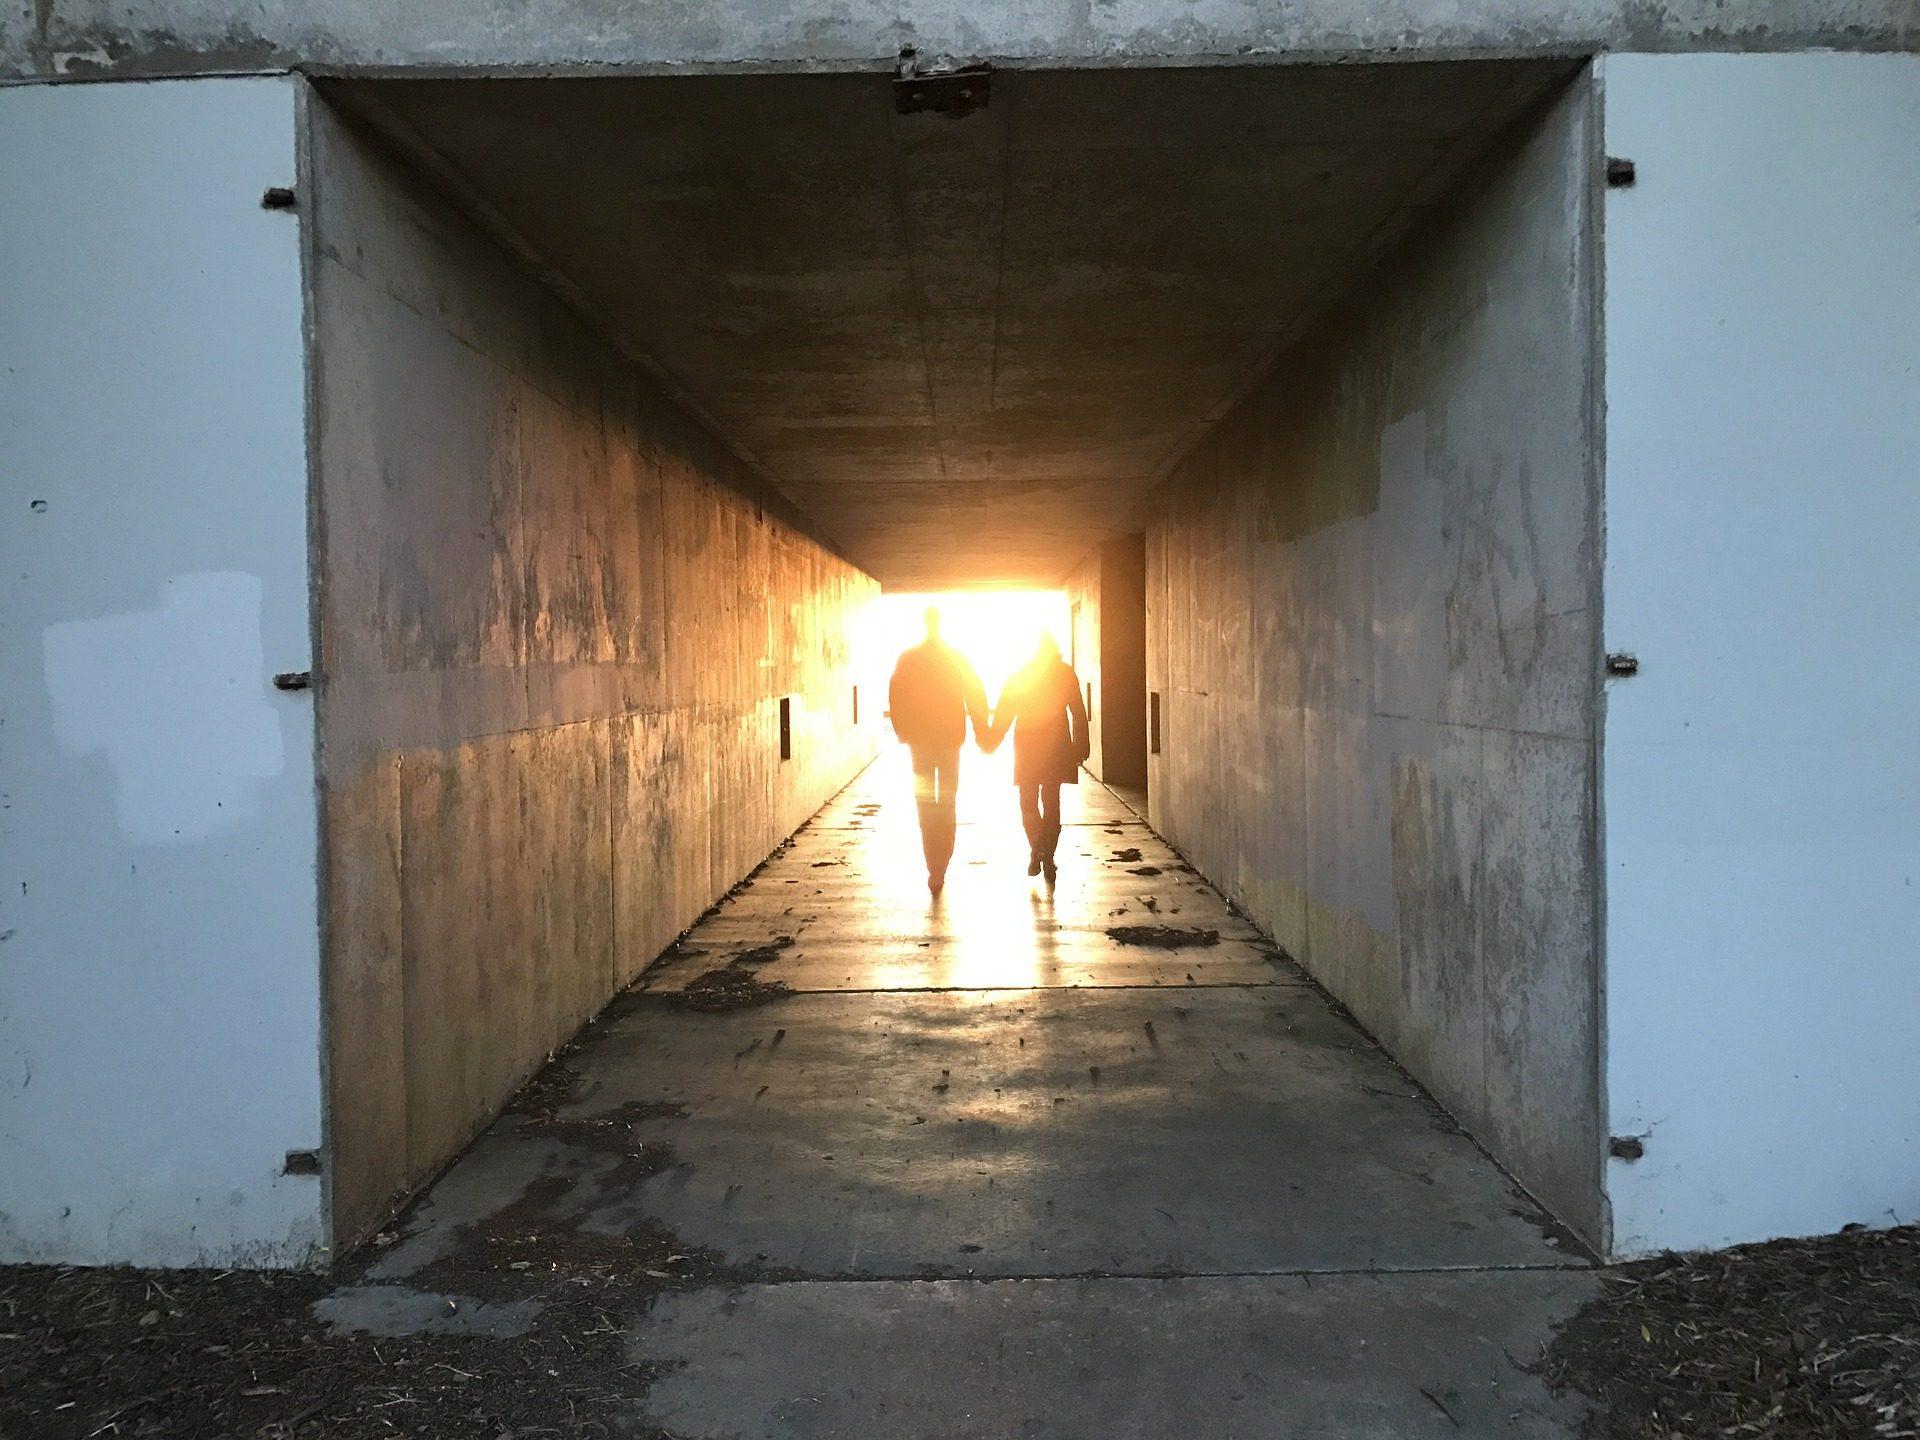 जोड़े, सुरंग, प्रकाश, छायादार, संघ - HD वॉलपेपर - प्रोफेसर-falken.com